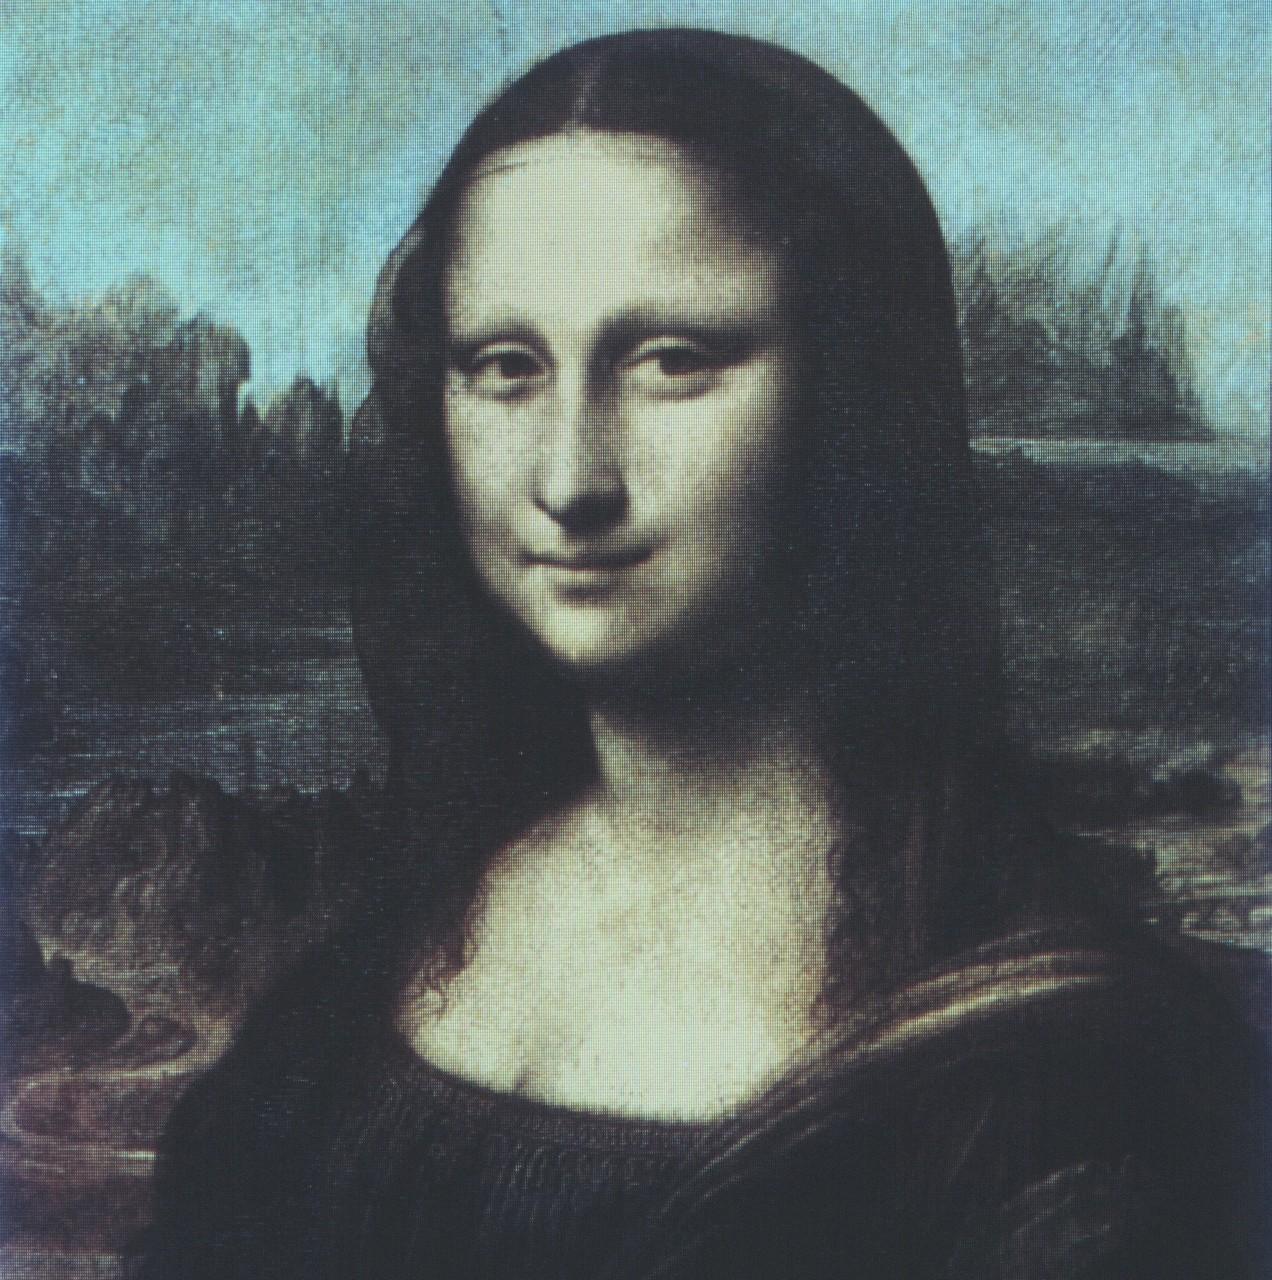 蒙娜丽莎的仿品将被拍卖